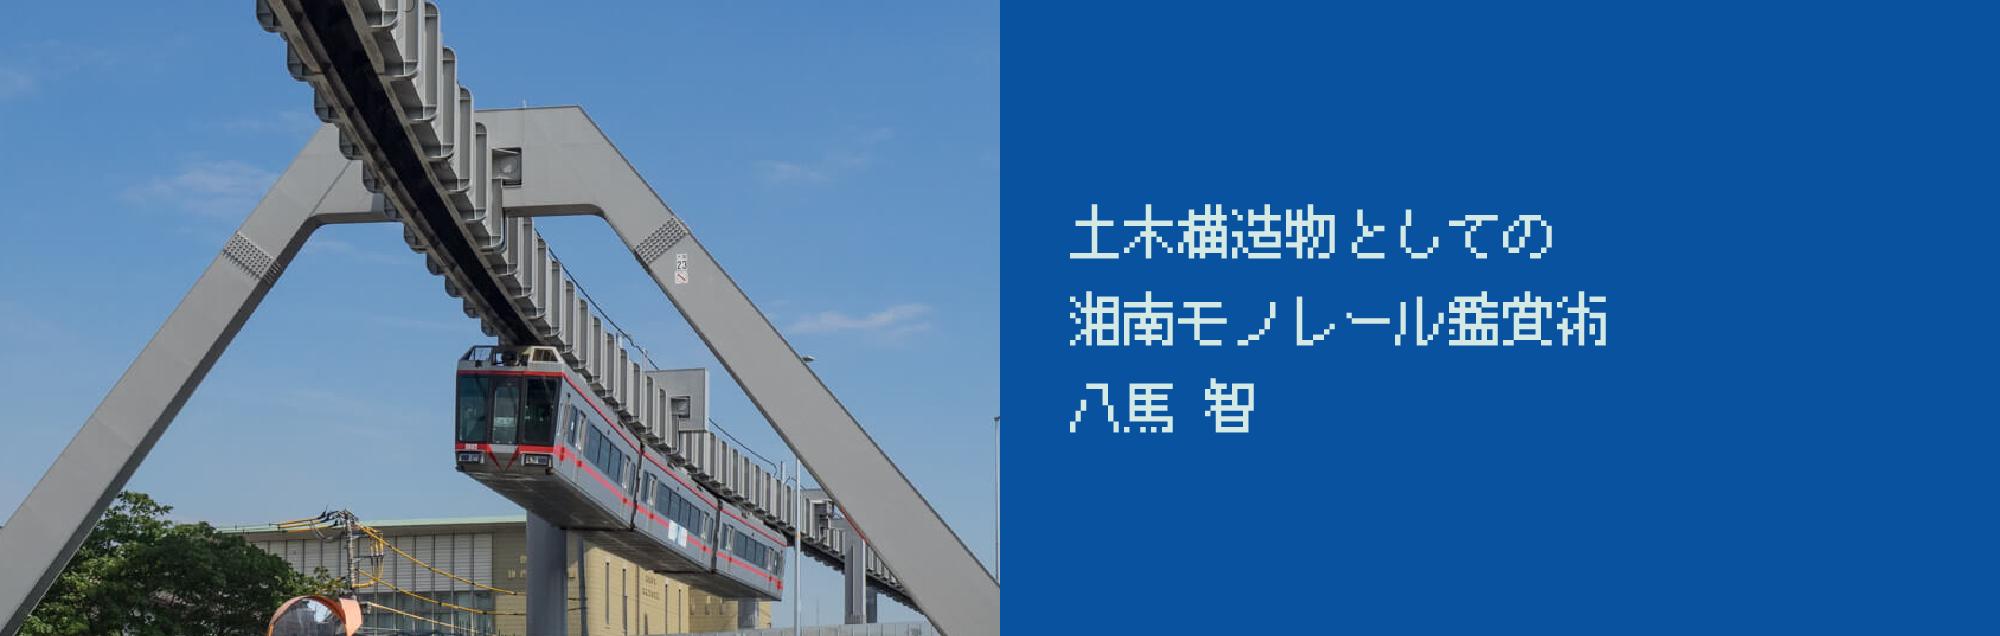 土木構造物としての湘南モノレール鑑賞術 八馬智